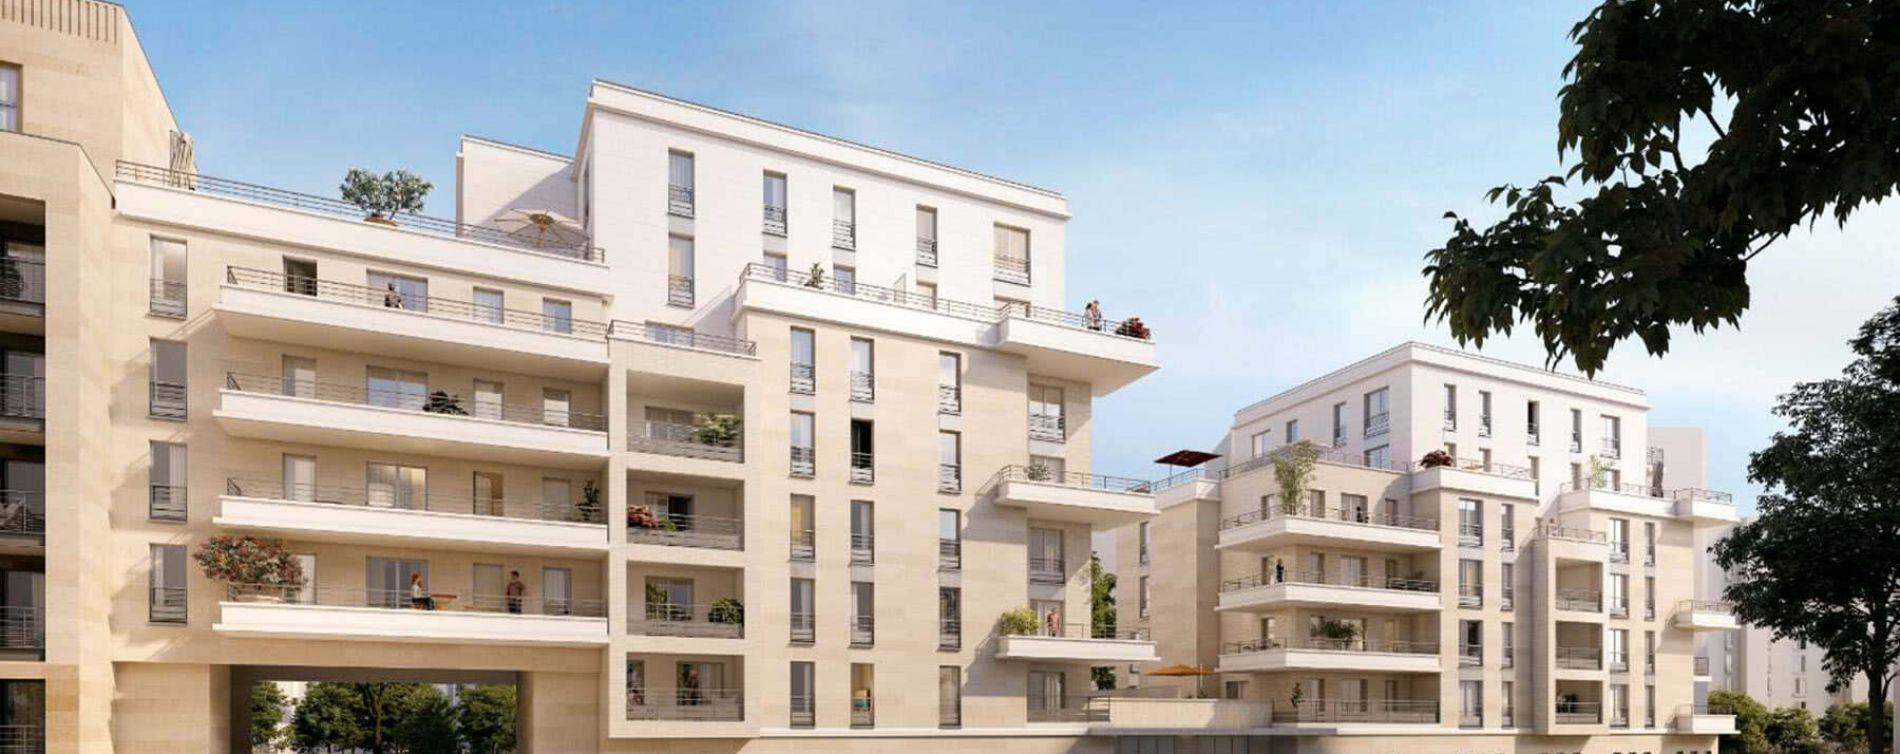 Clichy : programme immobilier neuve « Terrasses en Ciel »